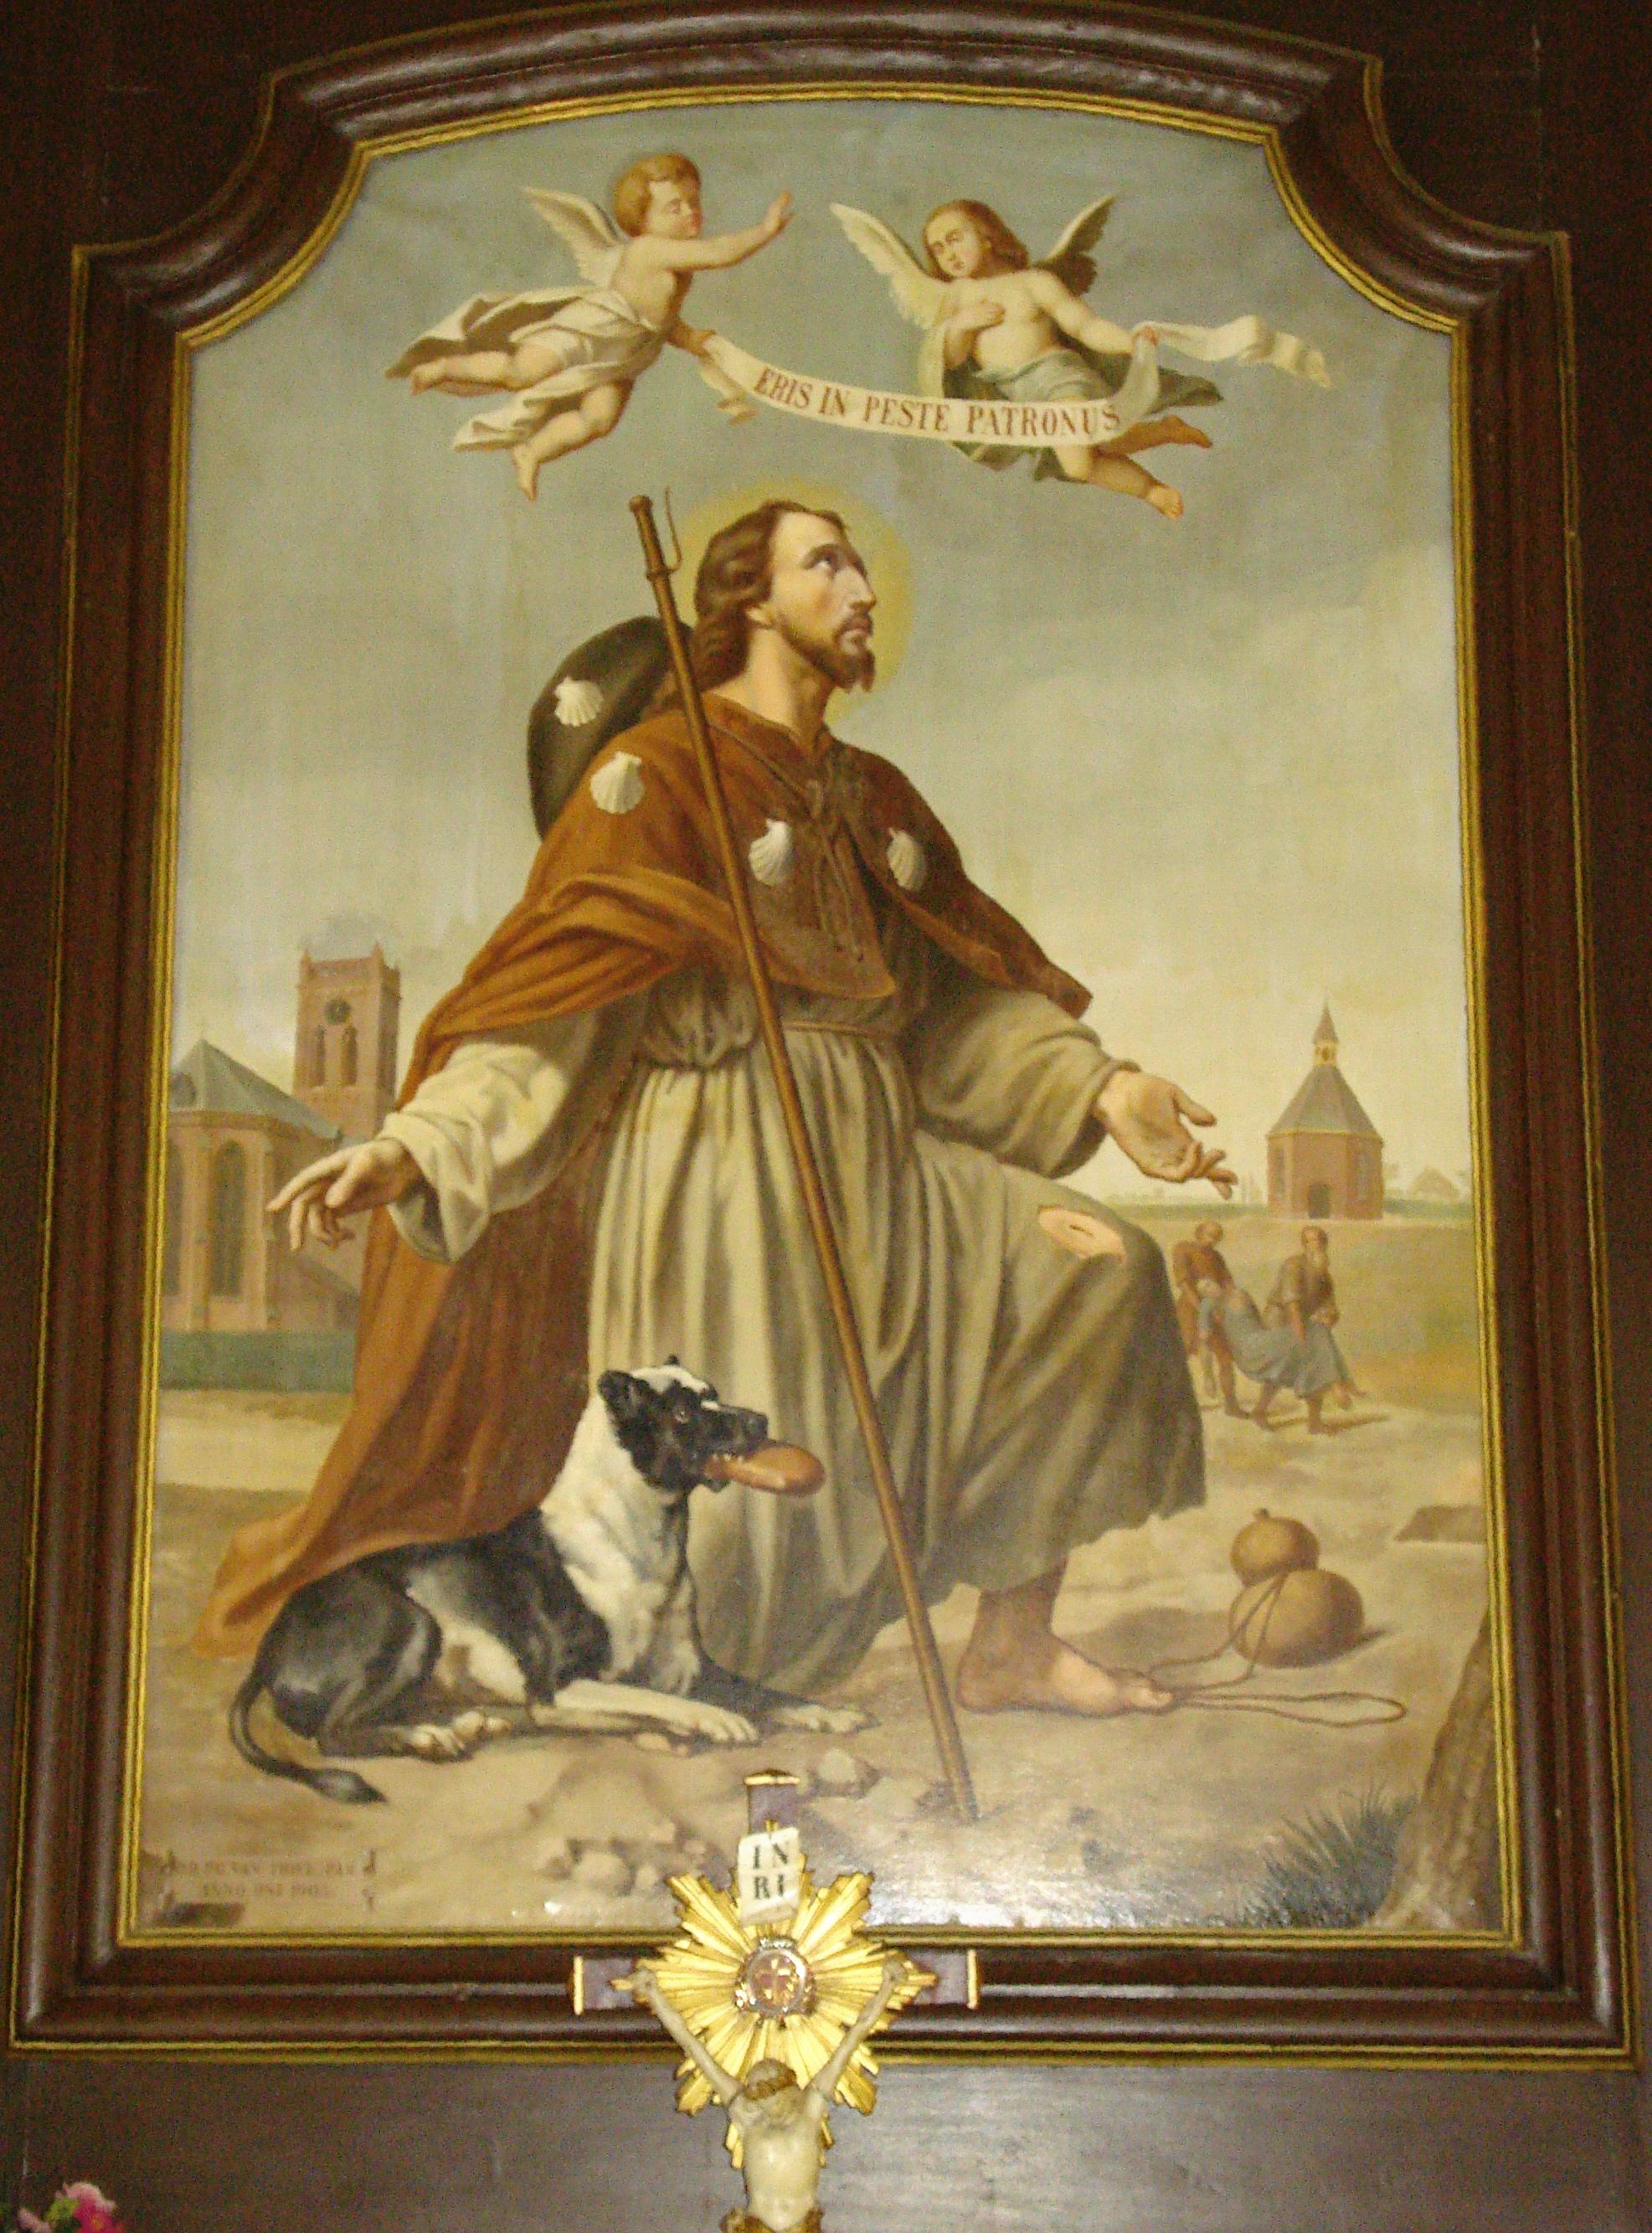 Saint Ambrosepatron saint of beekeepers Patron Saints